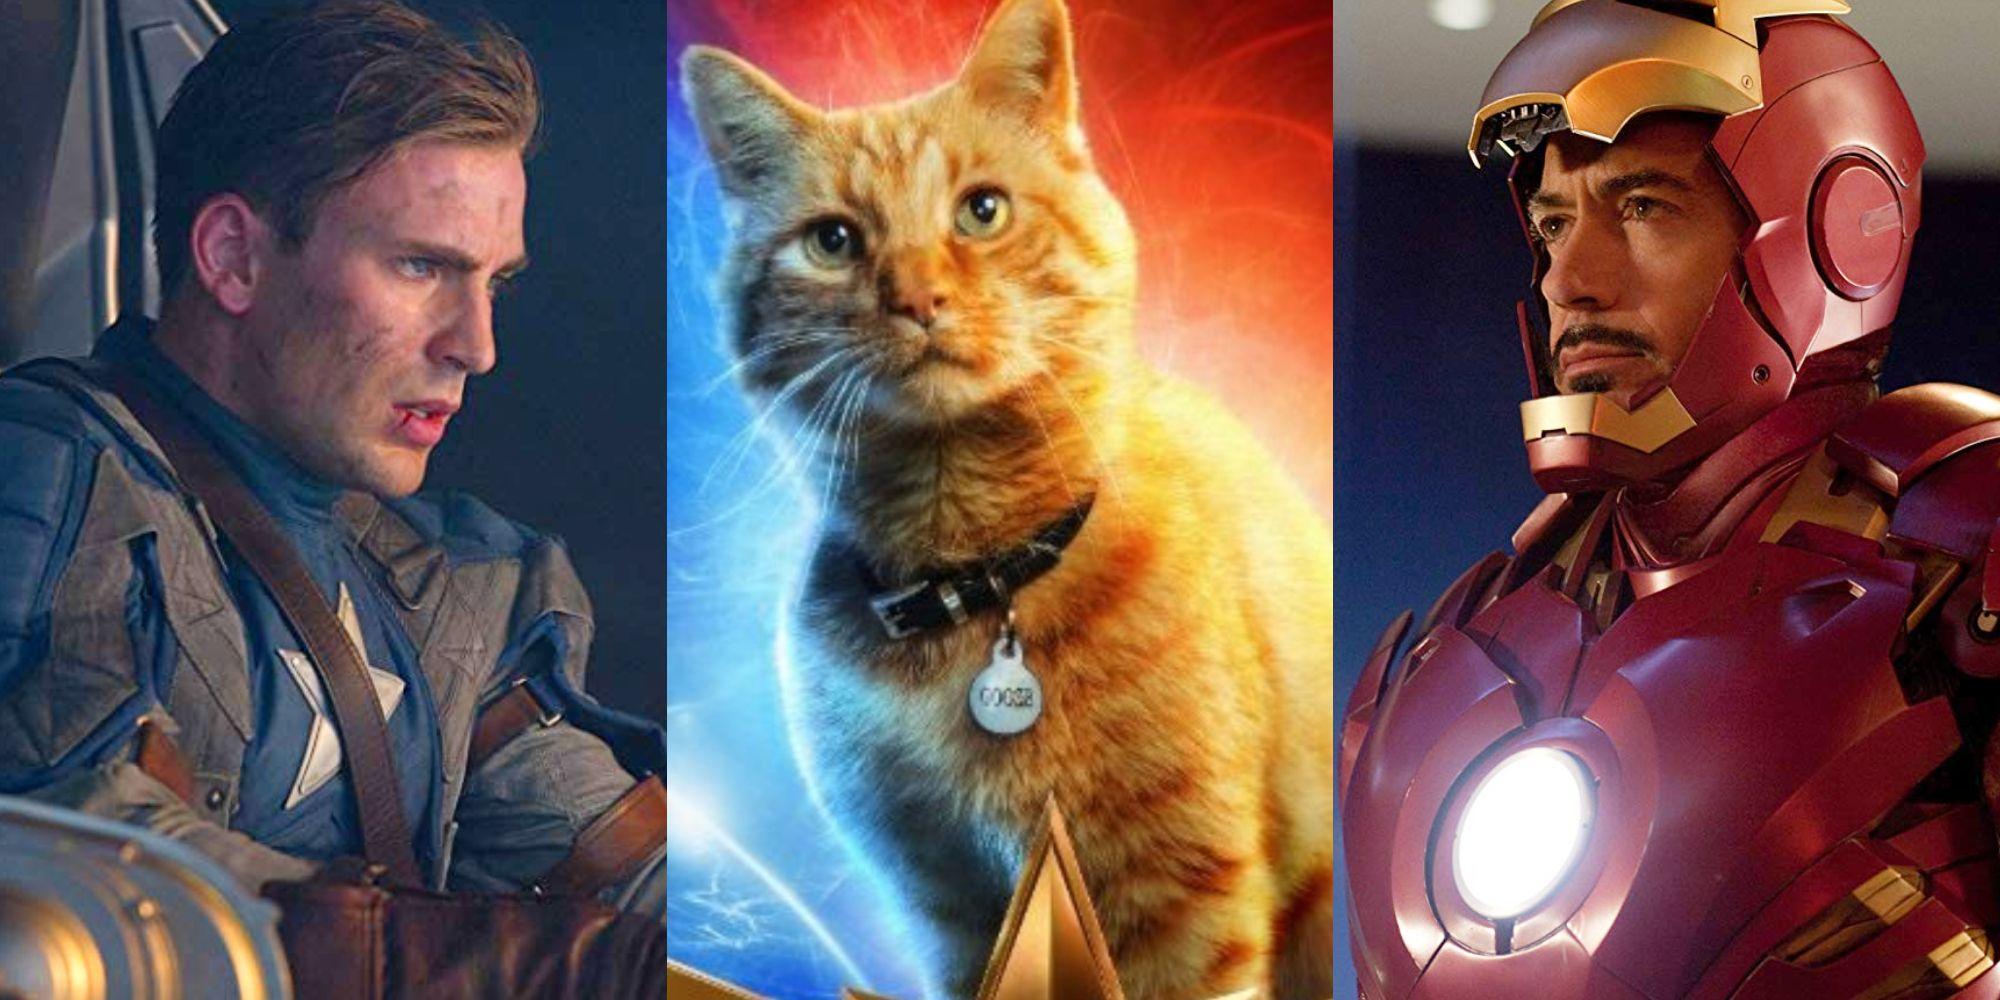 【有雷】橘貓「Goose」可能才是《復仇者聯盟》的救世主?3大線索快速了解《驚奇隊長》超萌貓咪的關鍵地位